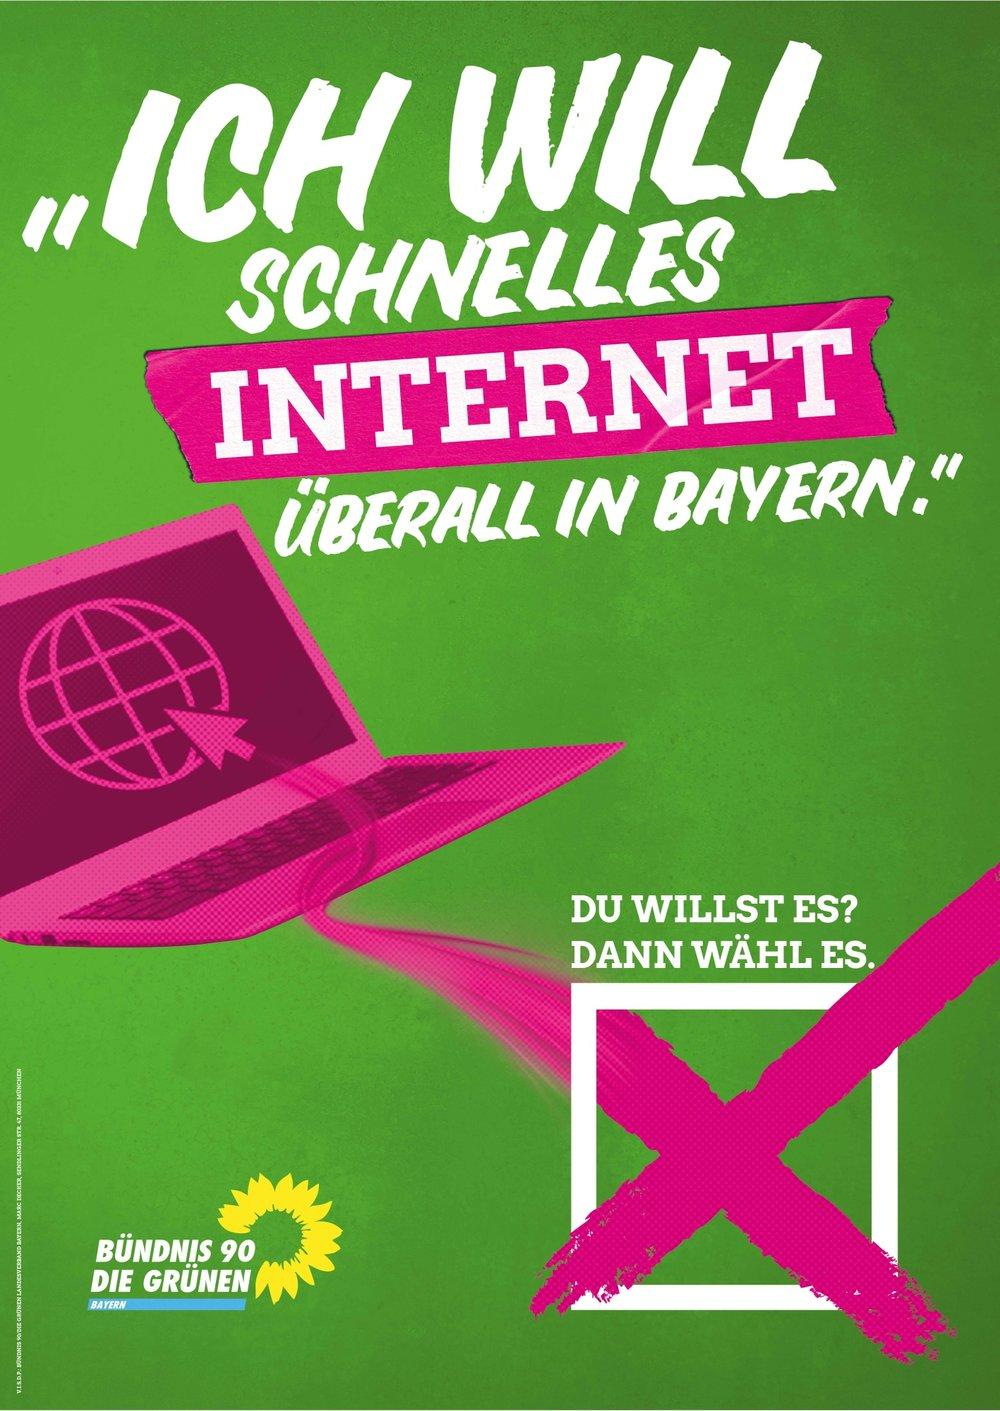 Grüne_Landtagswahl2018_Internet.jpg